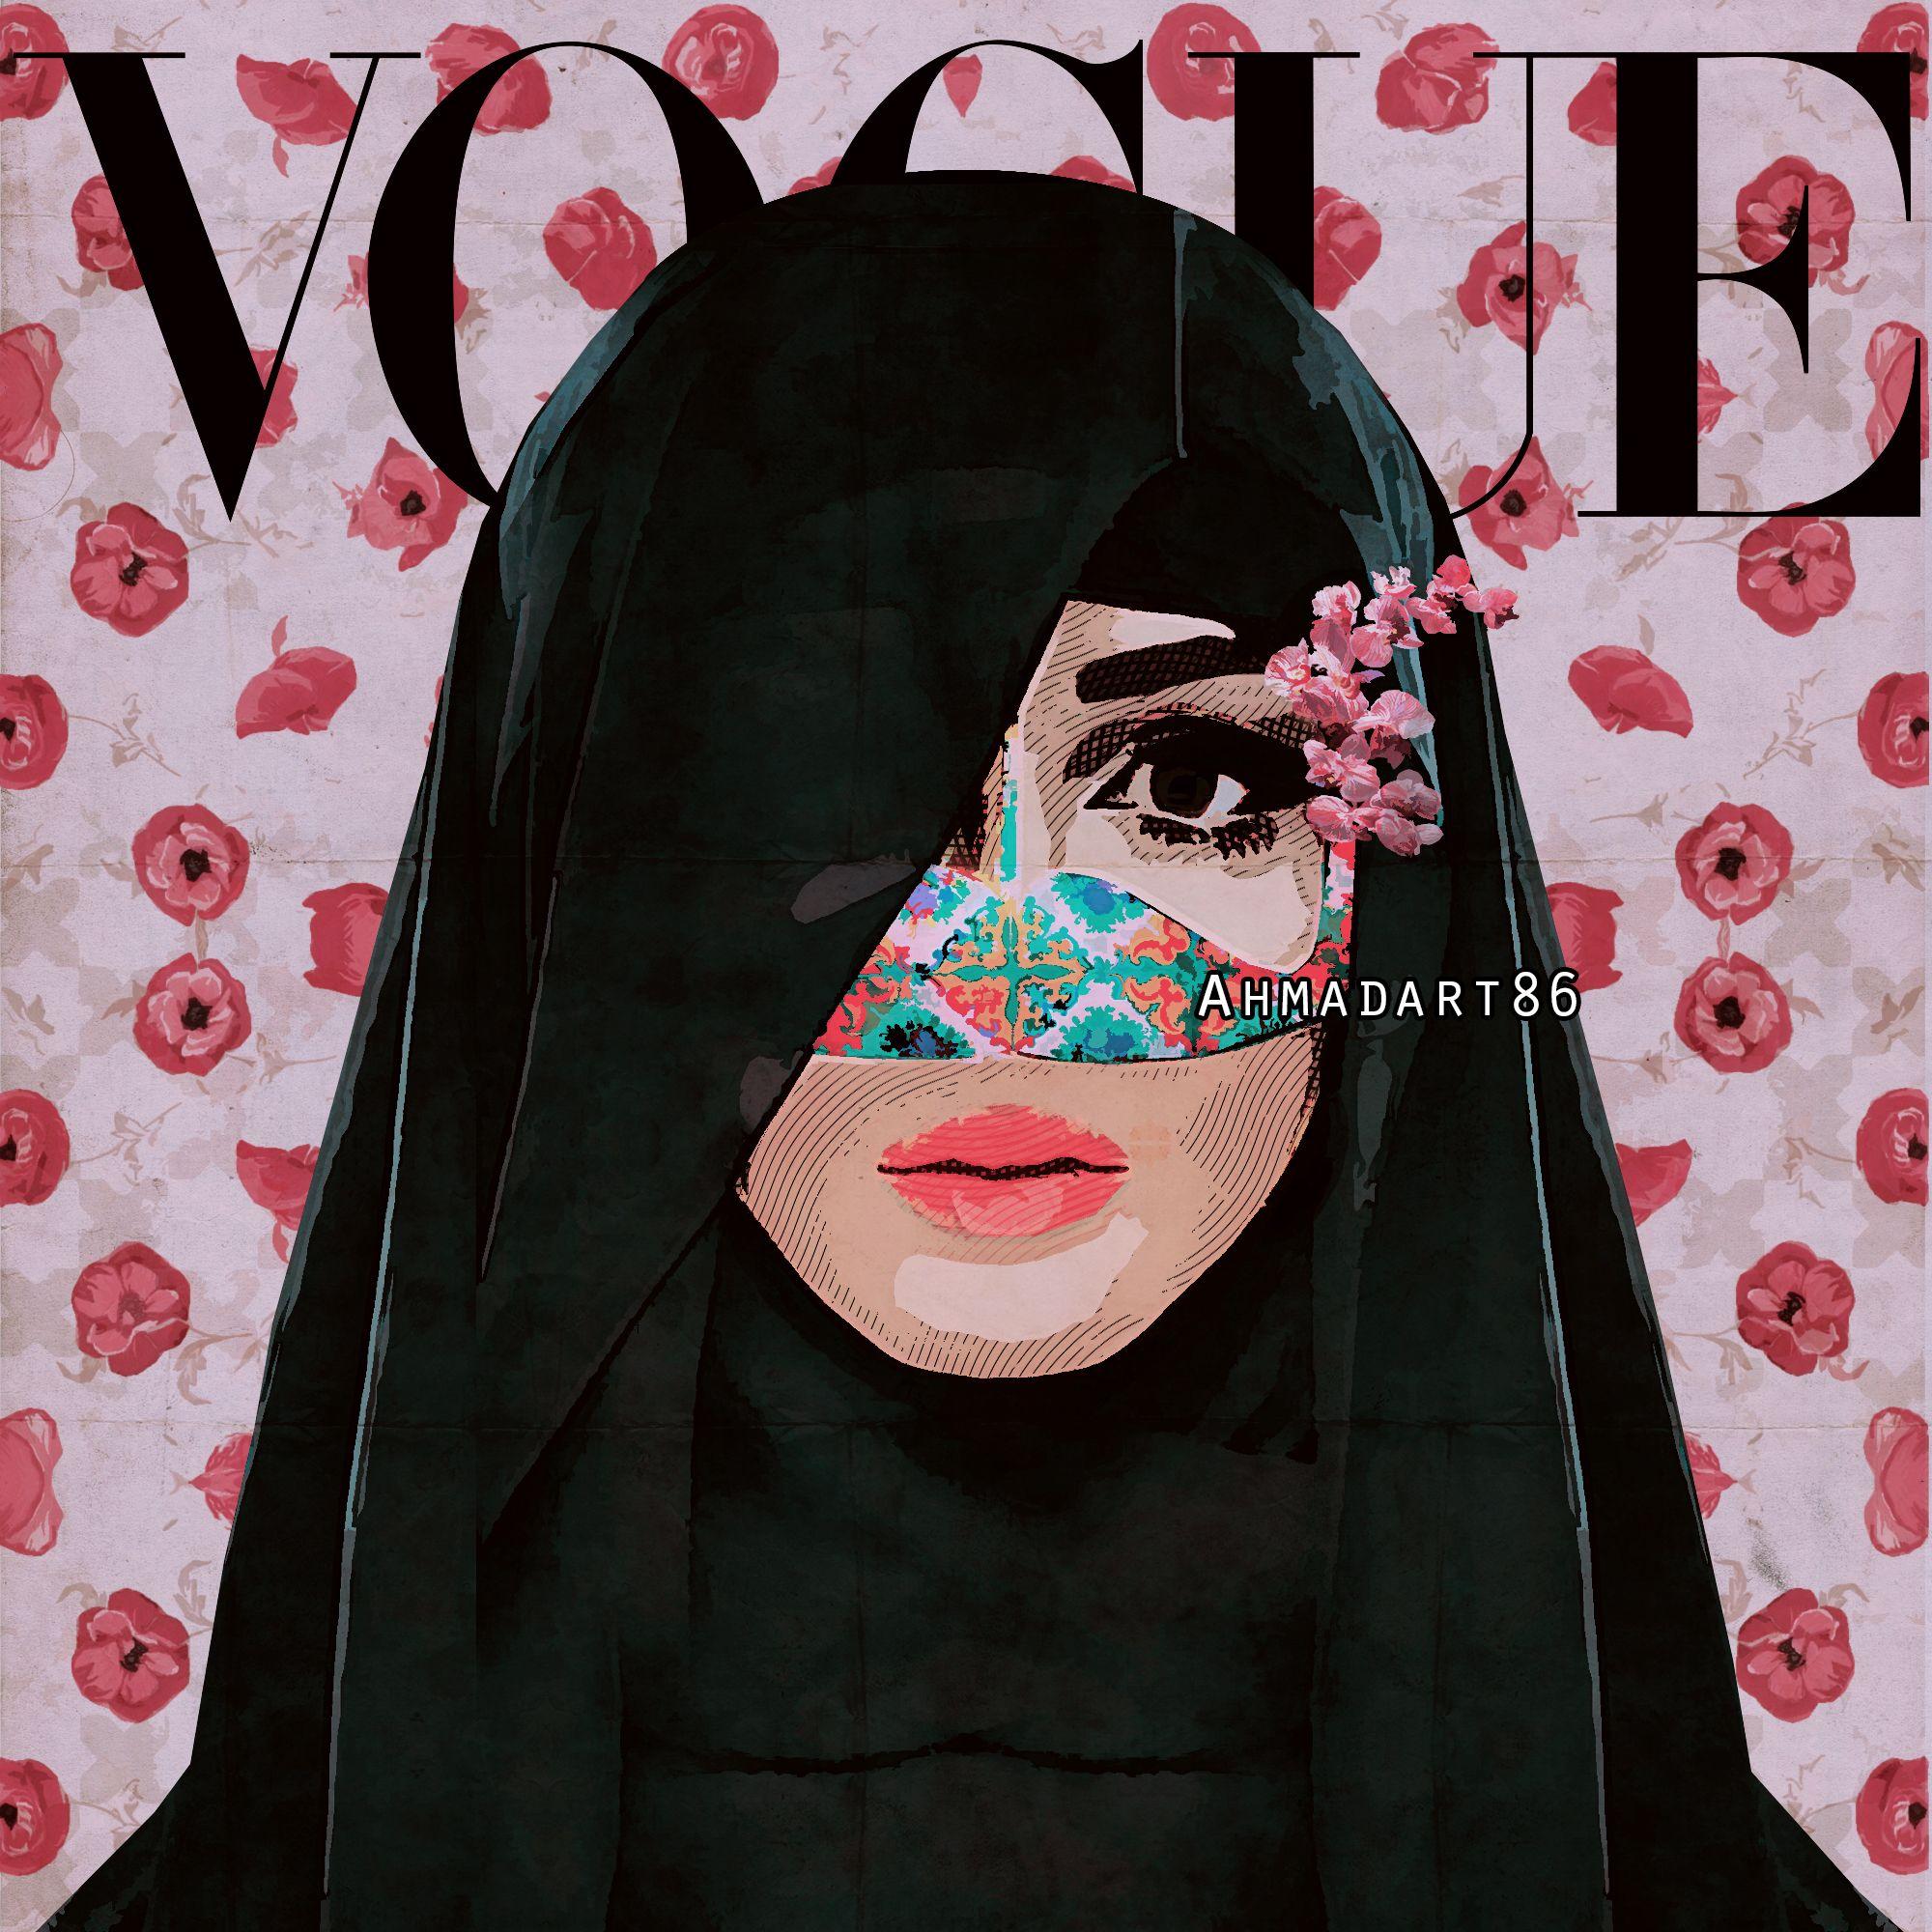 Vogue برقع Modern Pop Art Art Pop Art Women